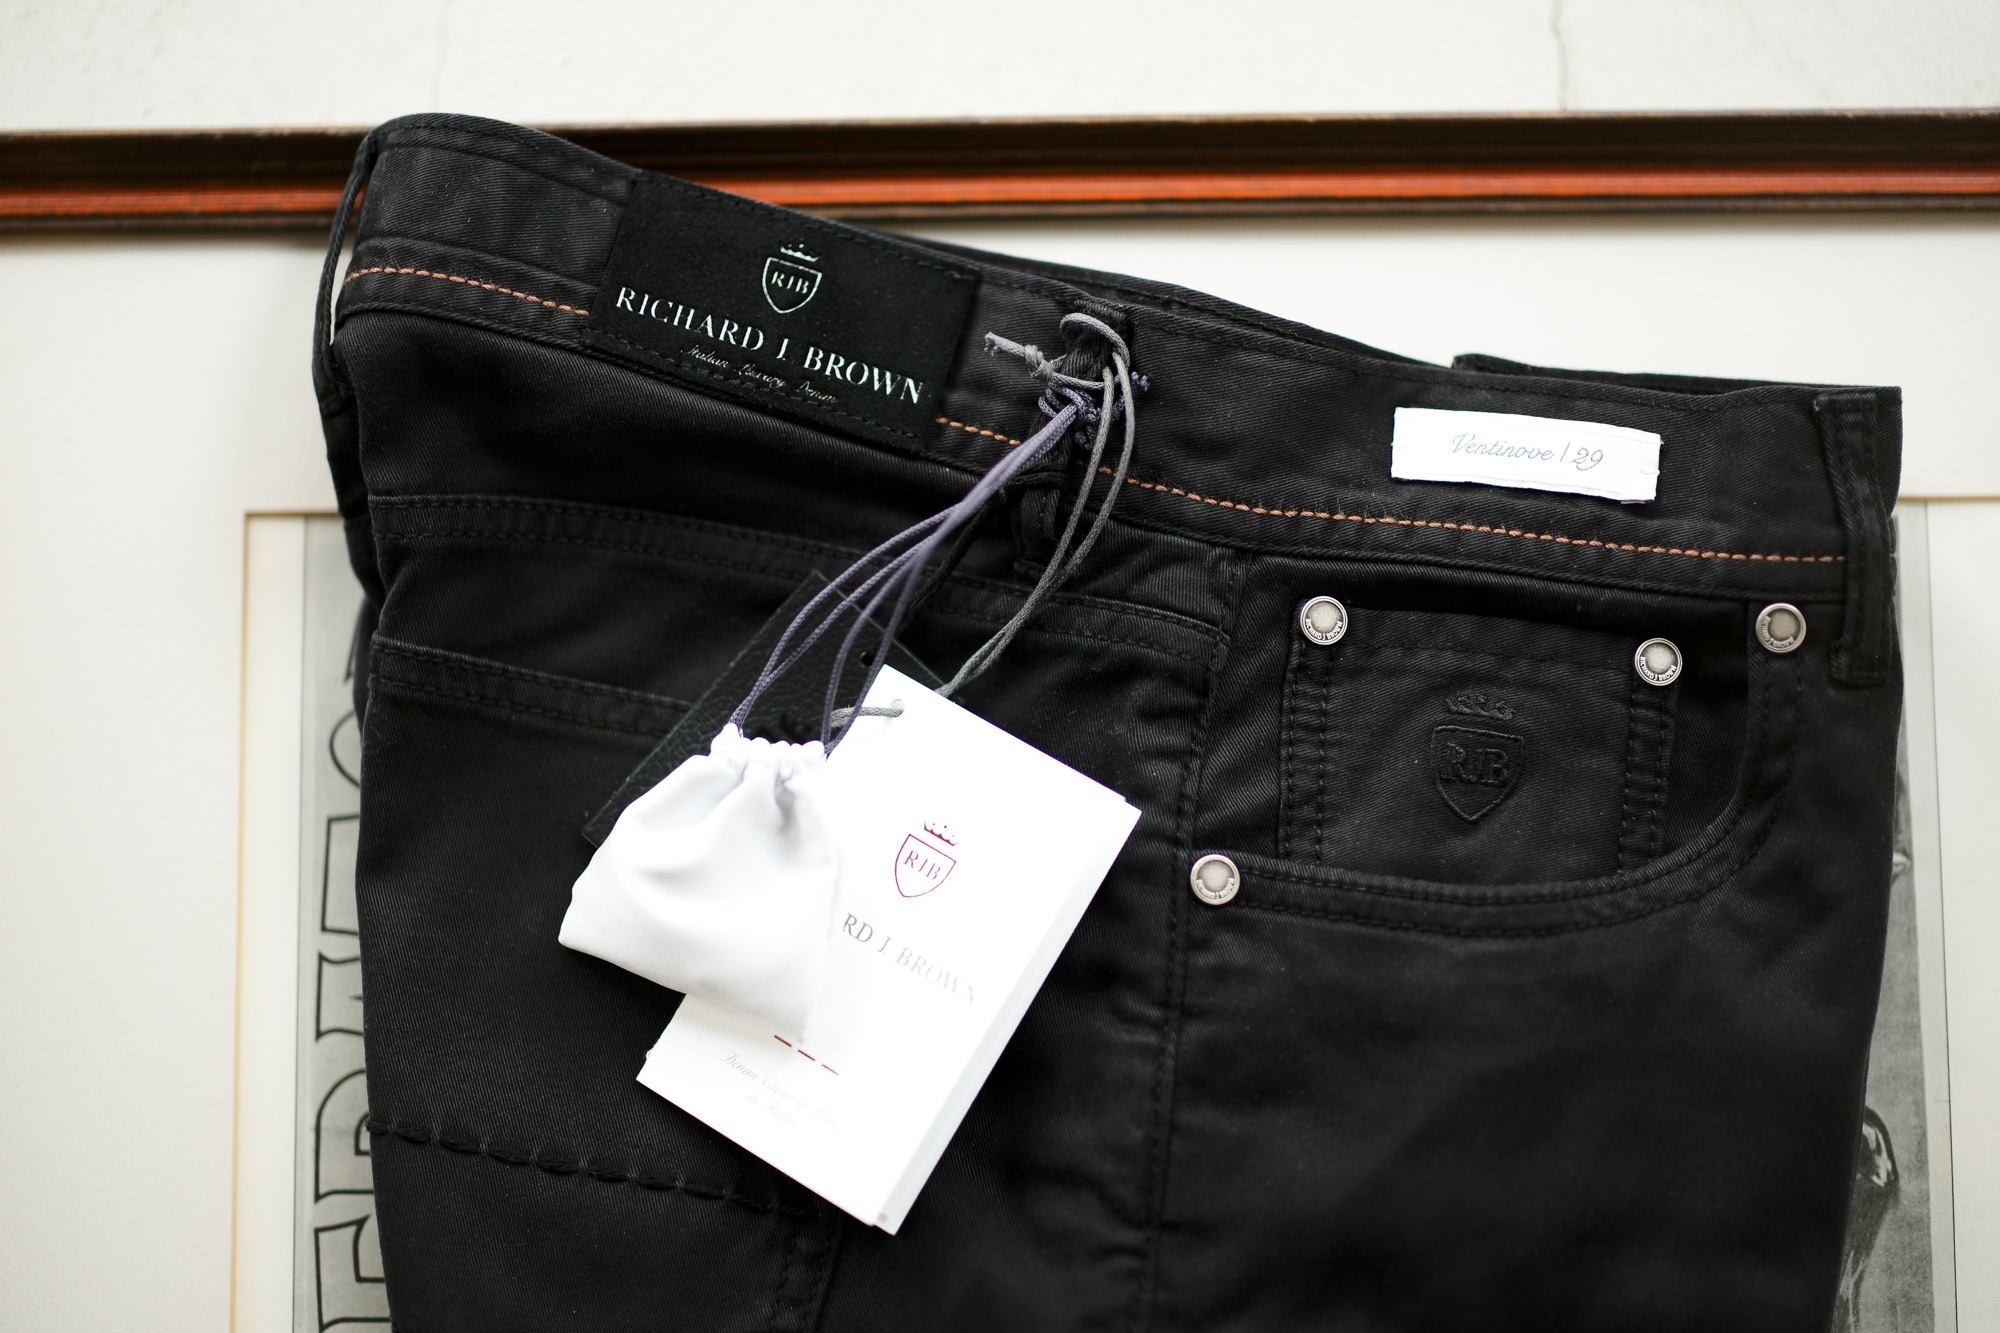 RICHARD J.BROWN(リチャードジェイブラウン) TOKIO (トウキョウ) ストレッチ リヨセル パンツ BLACK (ブラック・T166 999) MADE IN ITALY (イタリア製) 2020 春夏新作 愛知 名古屋 altoediritto アルトエデリット ジーンズ